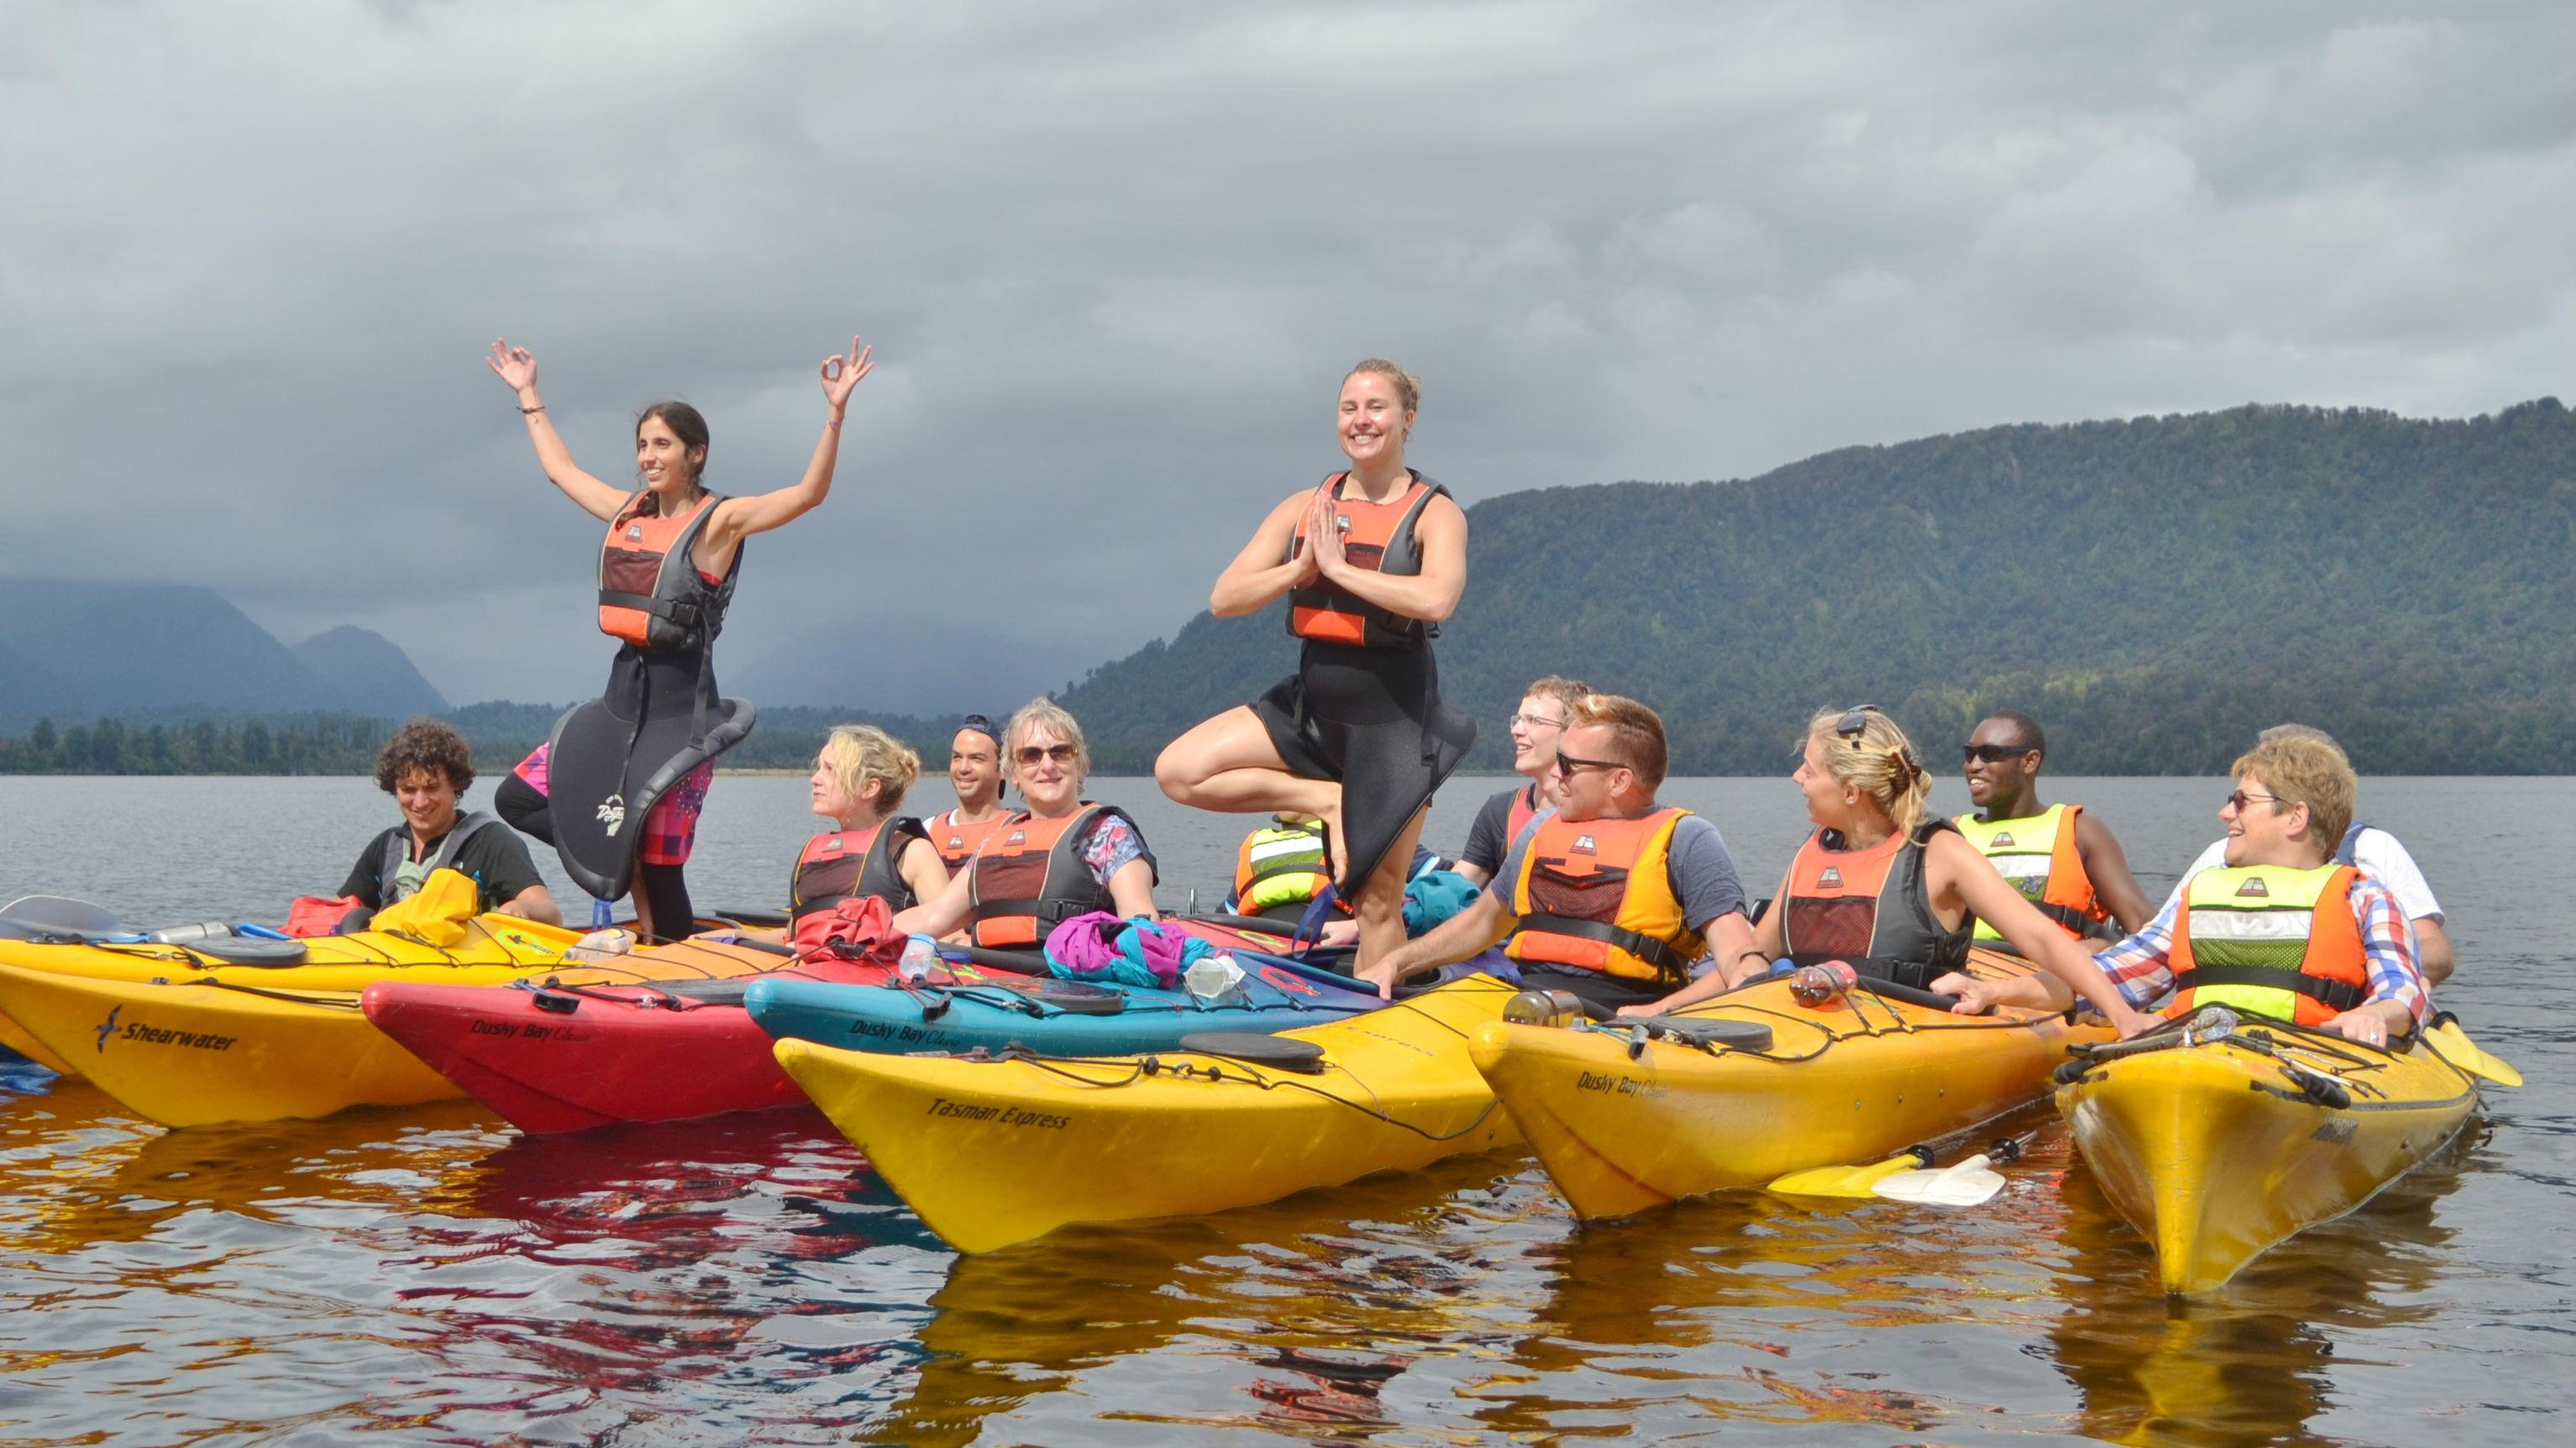 Kayak-yoga session this morning!